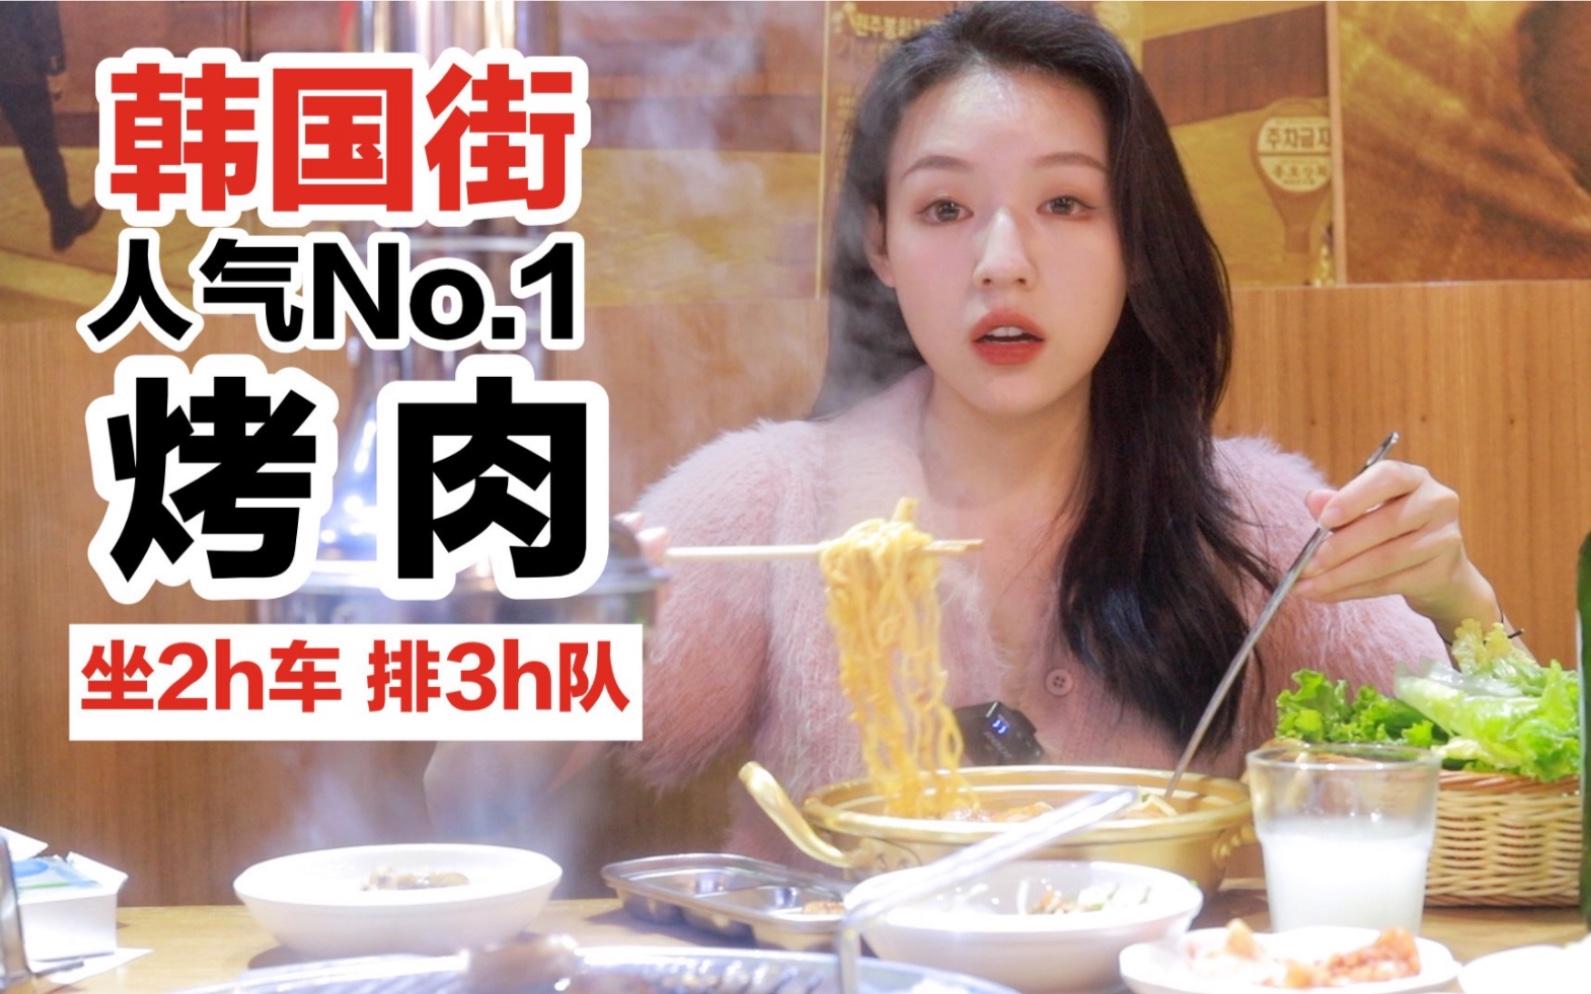 在上海吃人气No.1的韩式烤肉 回家打的200块 居然还被师傅这样说……